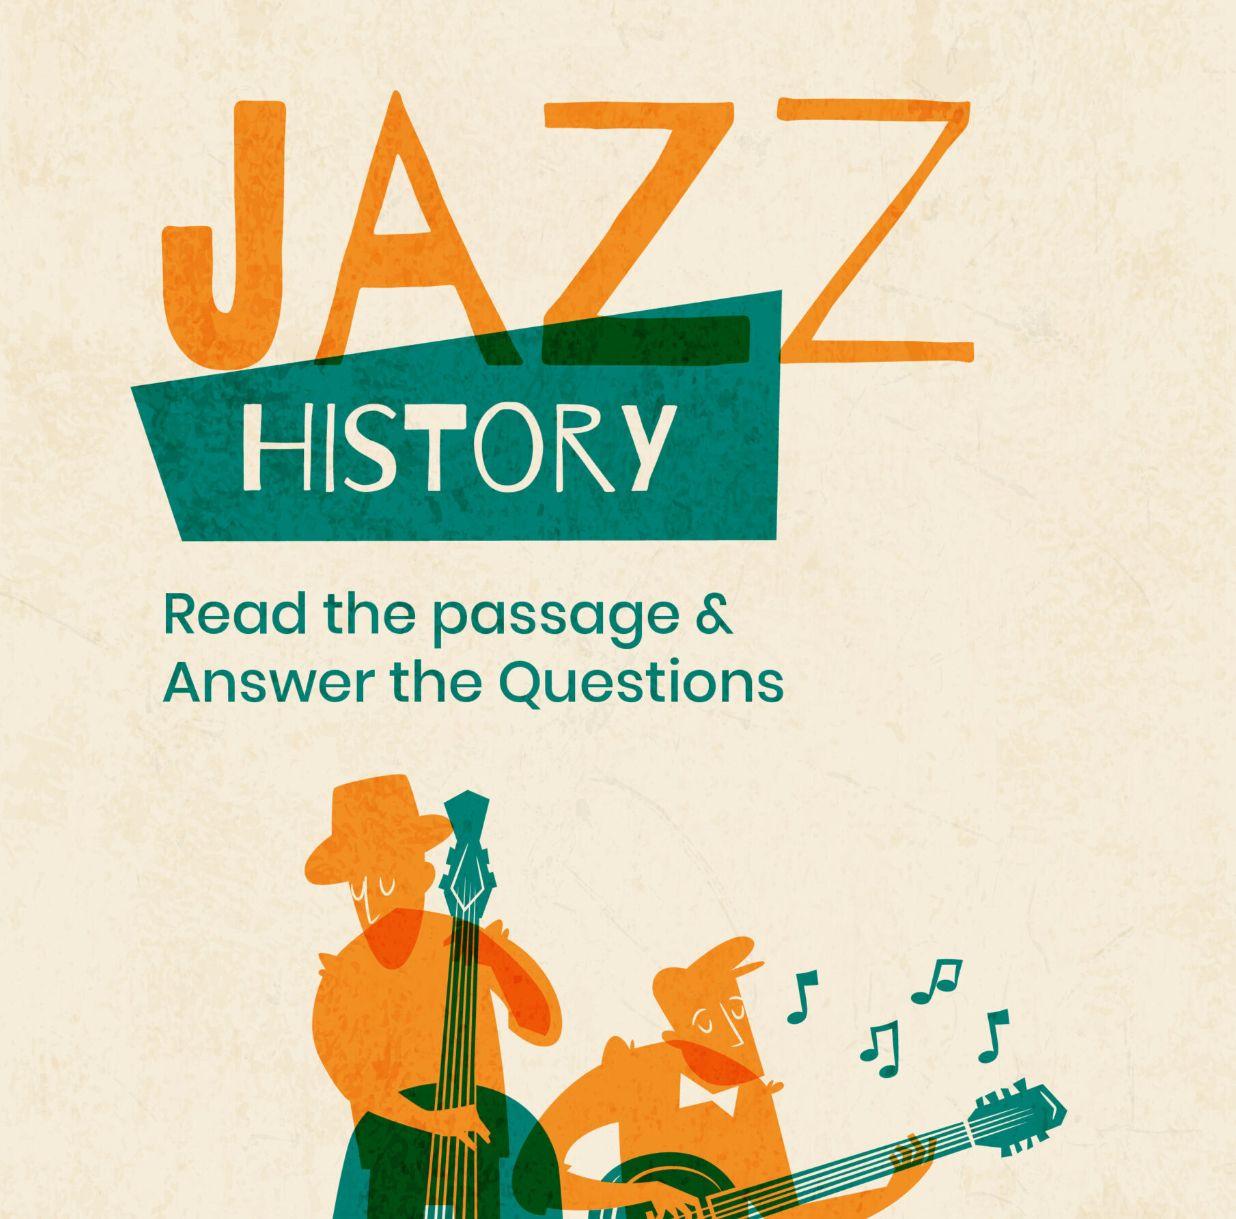 Jazz History